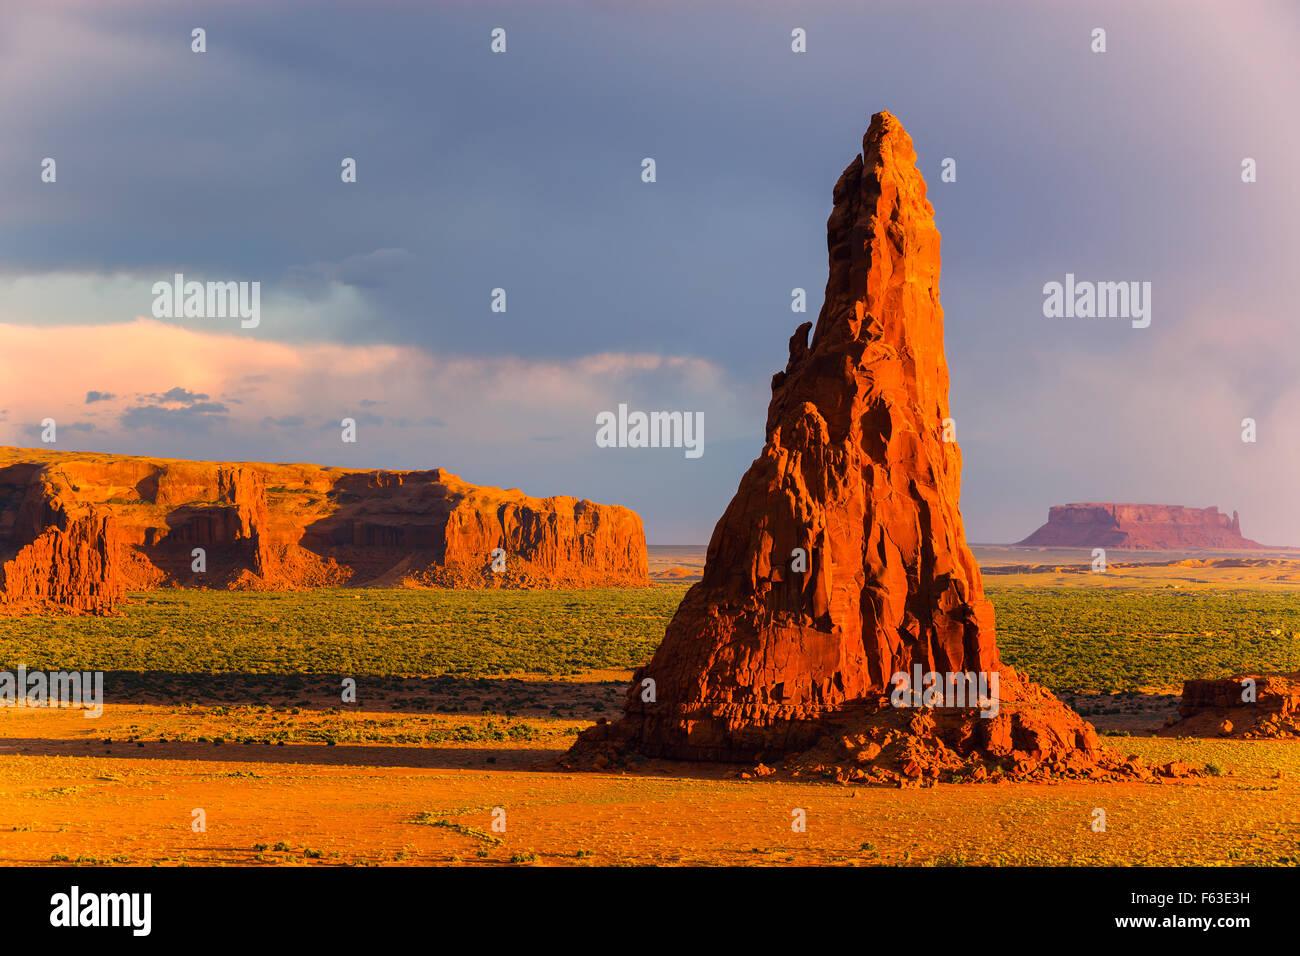 Dancing rocce vicino punto di roccia nella riserva Navajo in Northern Arizona, Stati Uniti d'America Immagini Stock